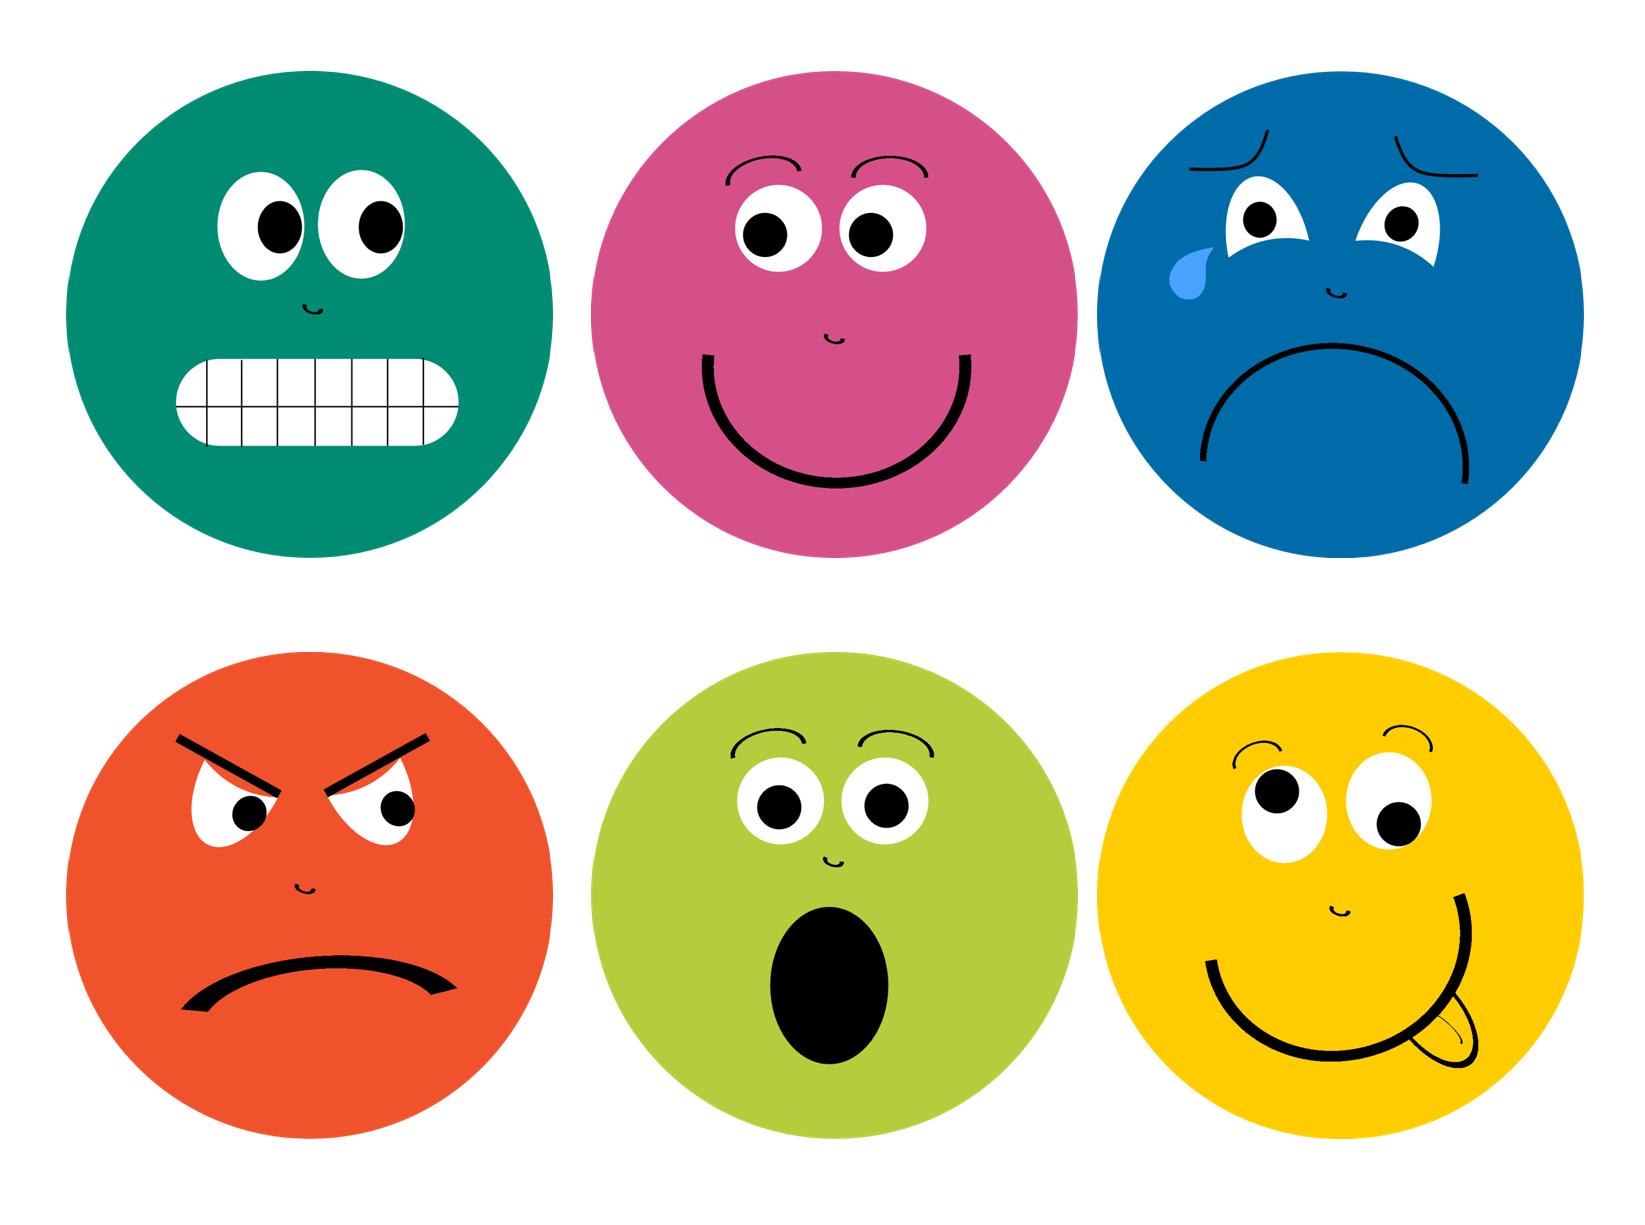 Les émotions En Classe : 10 Ressources Pour Les Aborder